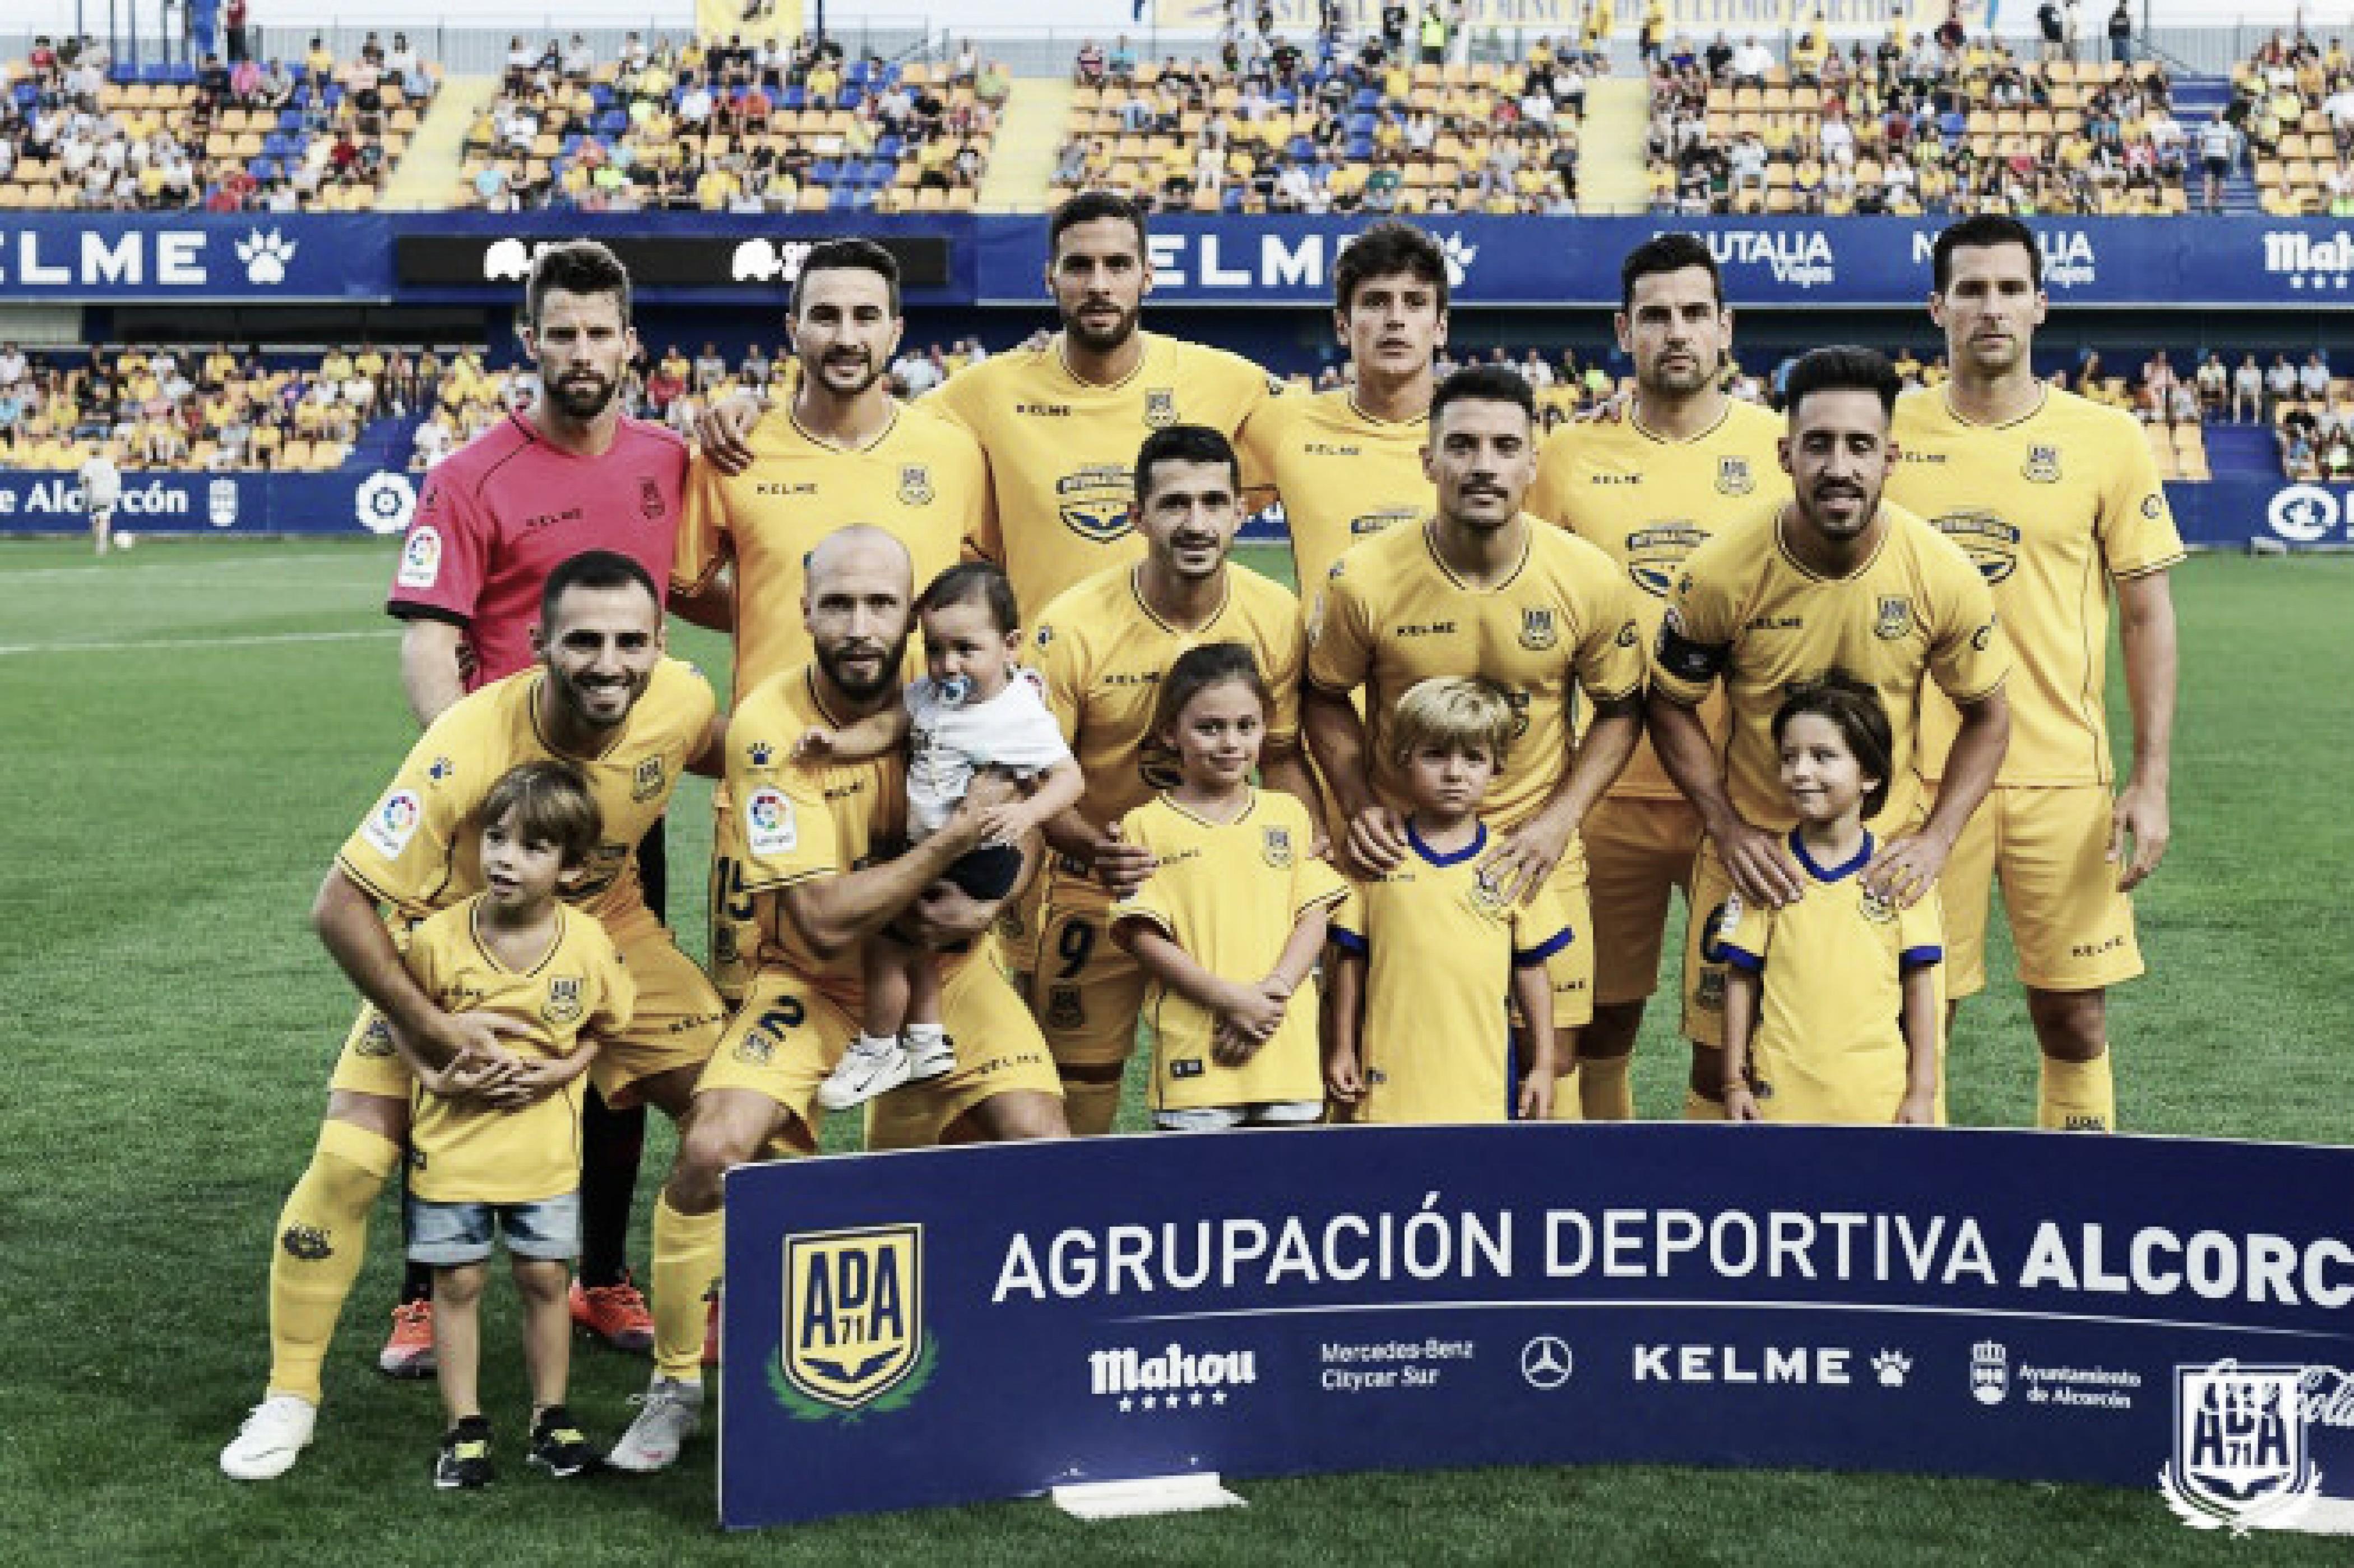 AD Alcorcón - RC Deportivo: puntuaciones del Alcorcón, jornada 5 de La Liga 1|2|3